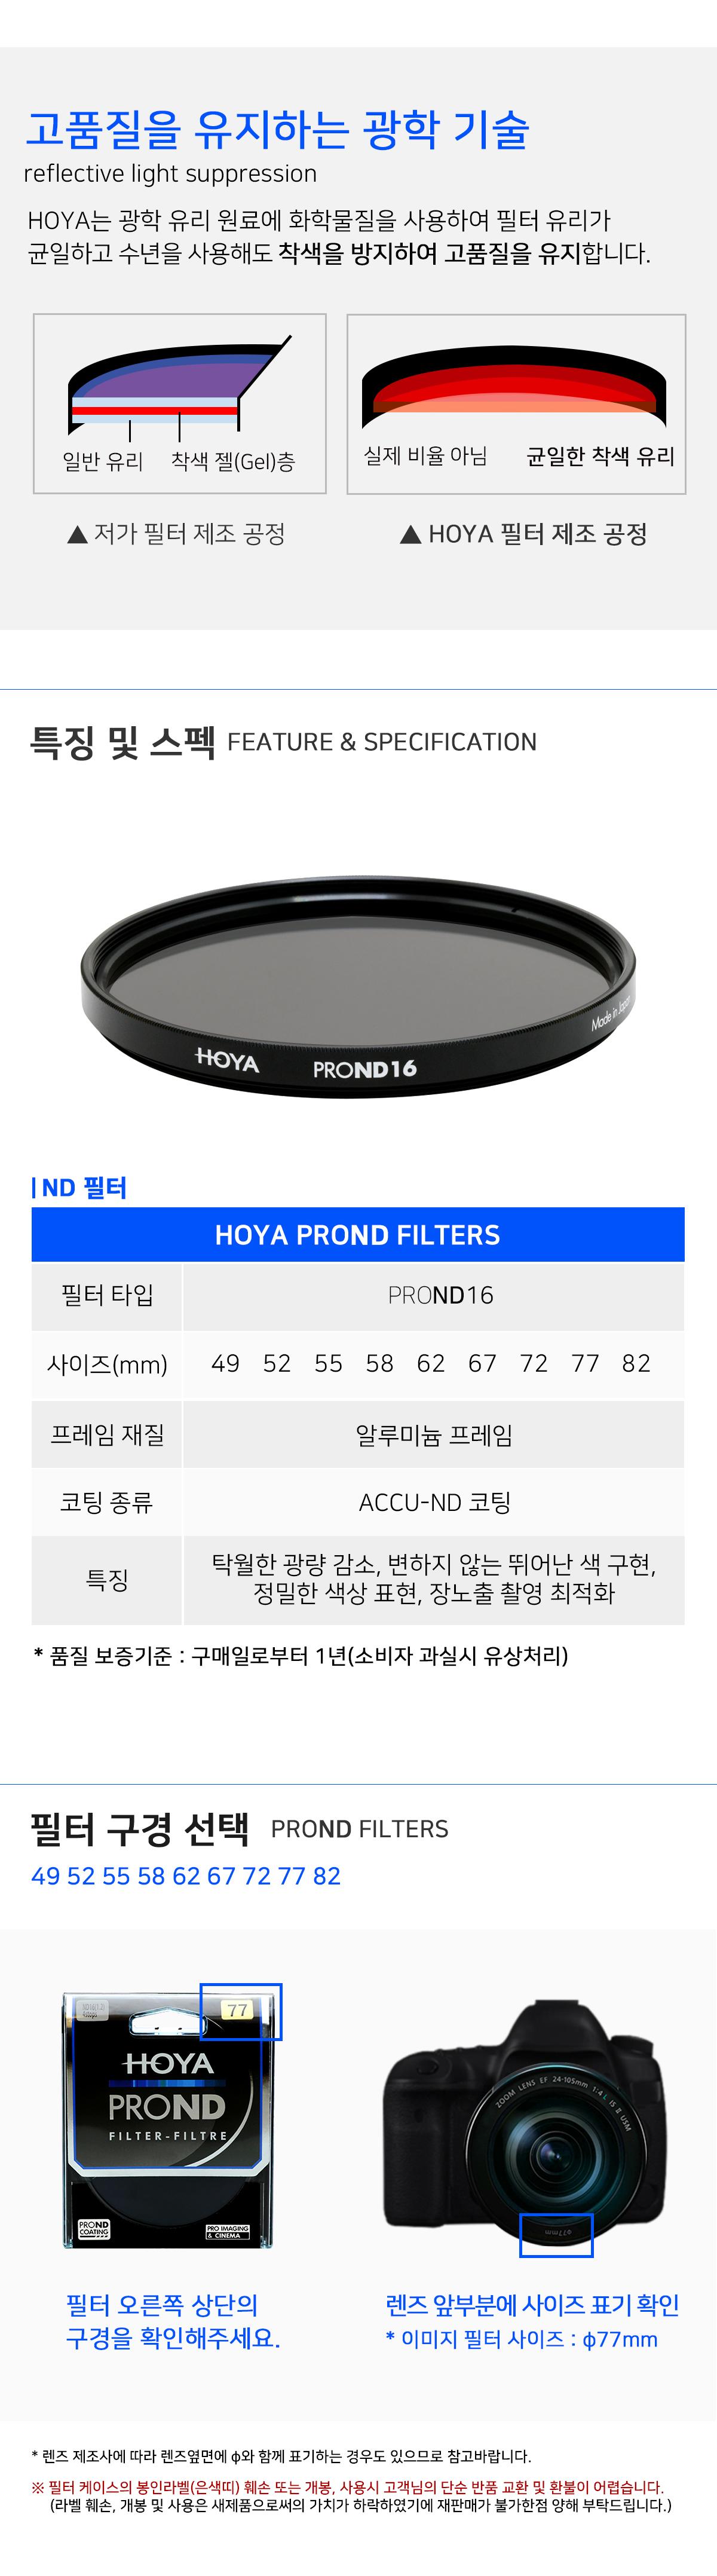 PROND16_05.jpg